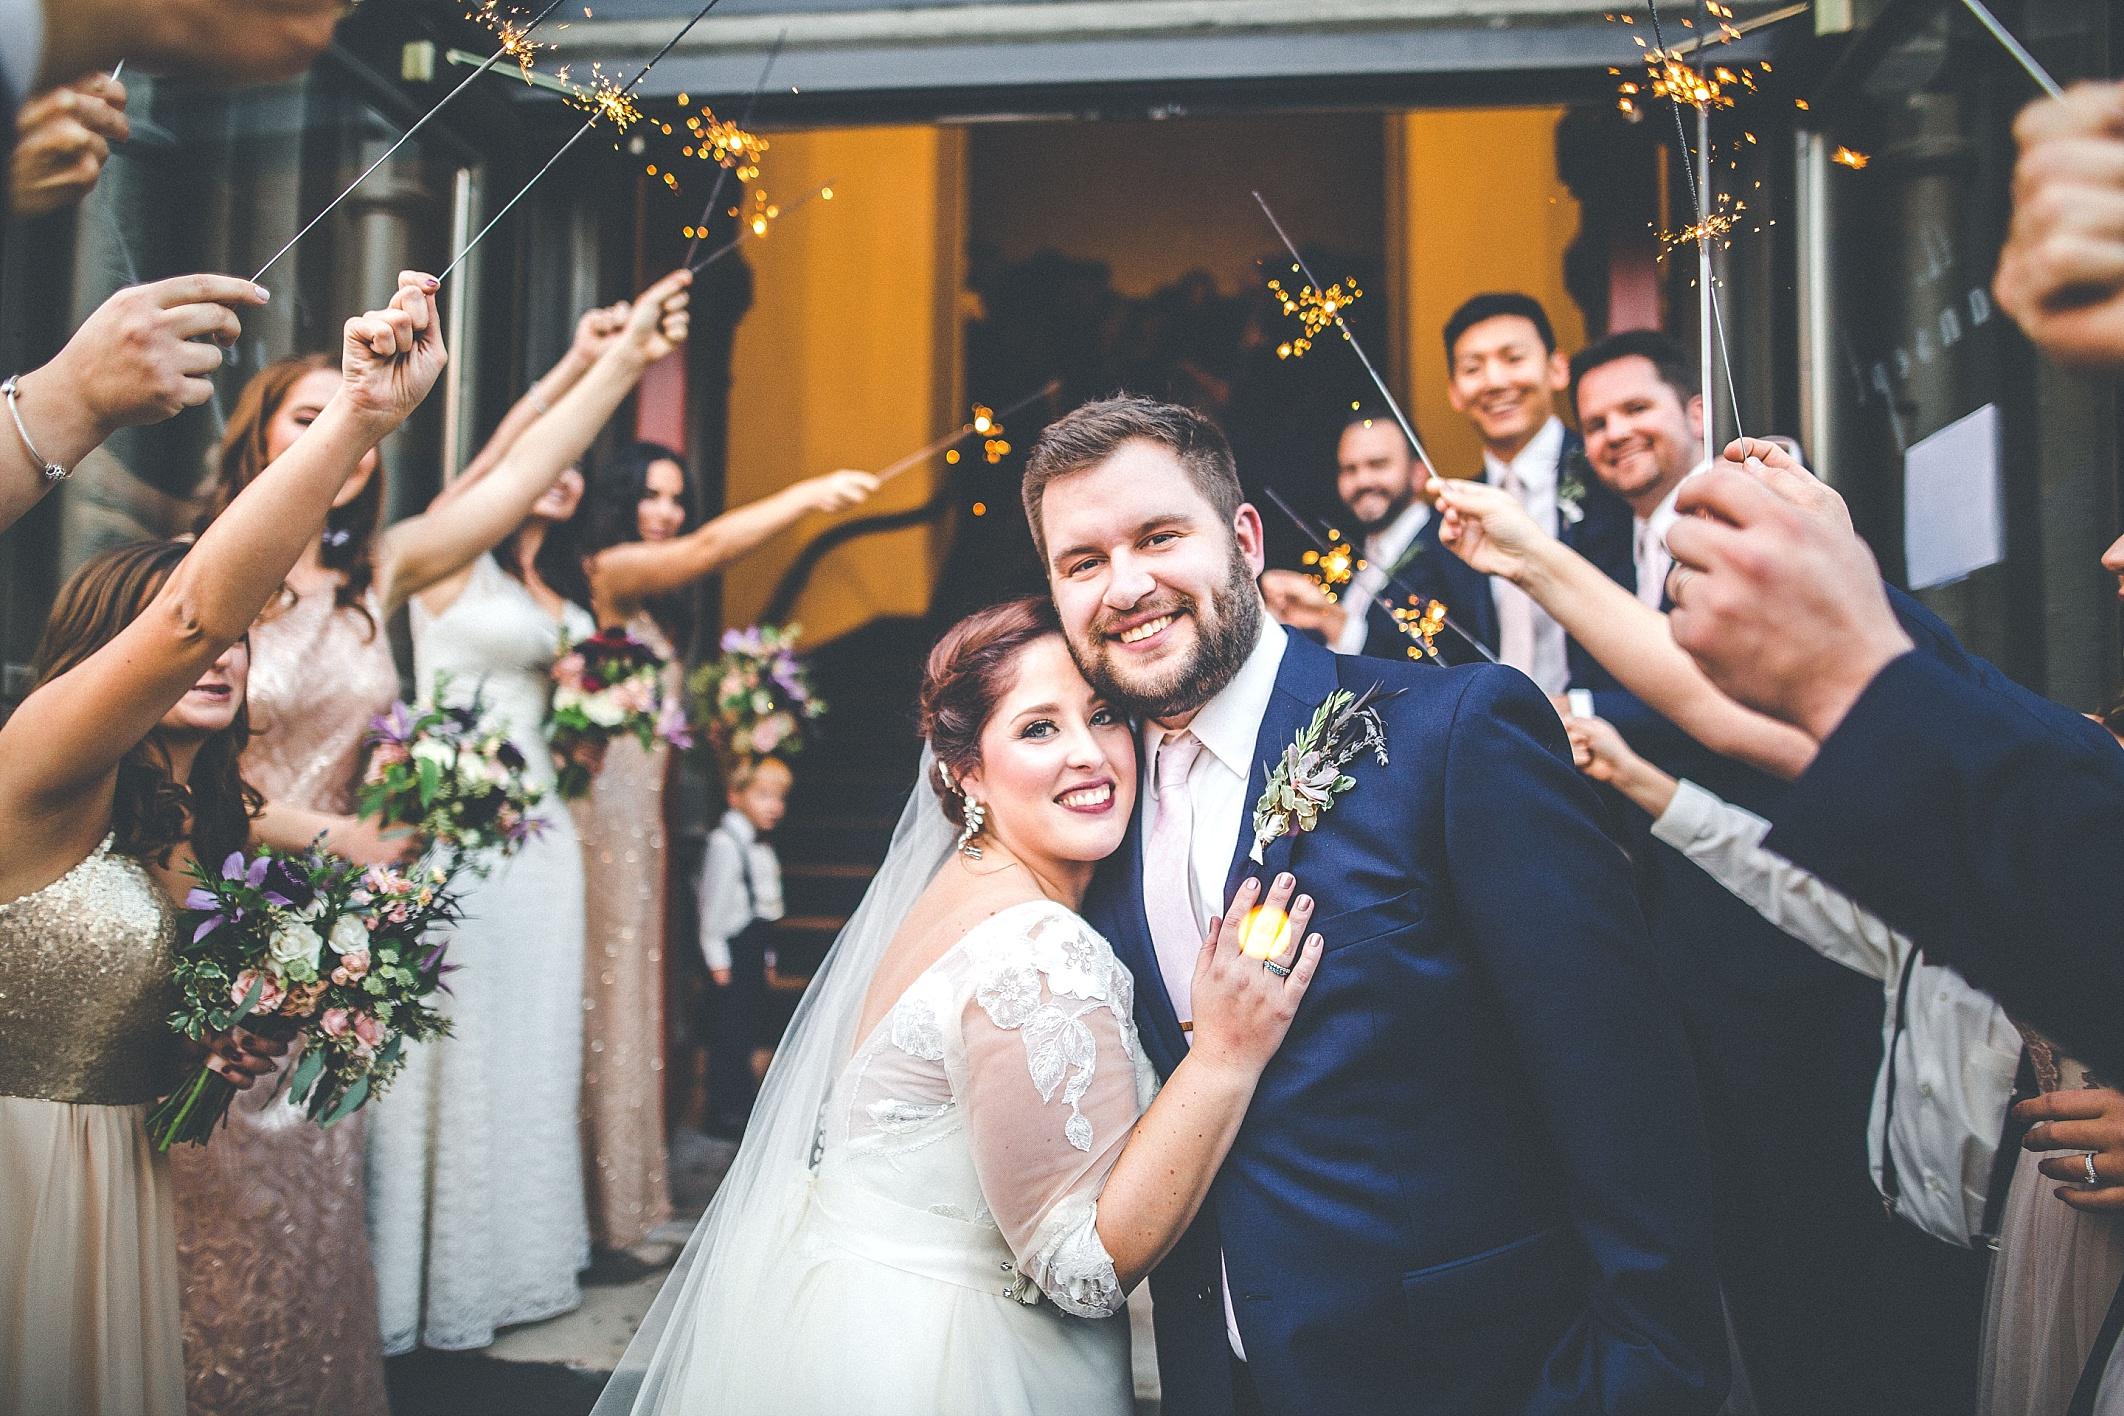 hilary-aaron-cincinnati-trancept-wedding-photographer-dayton-ohio_0034.jpg